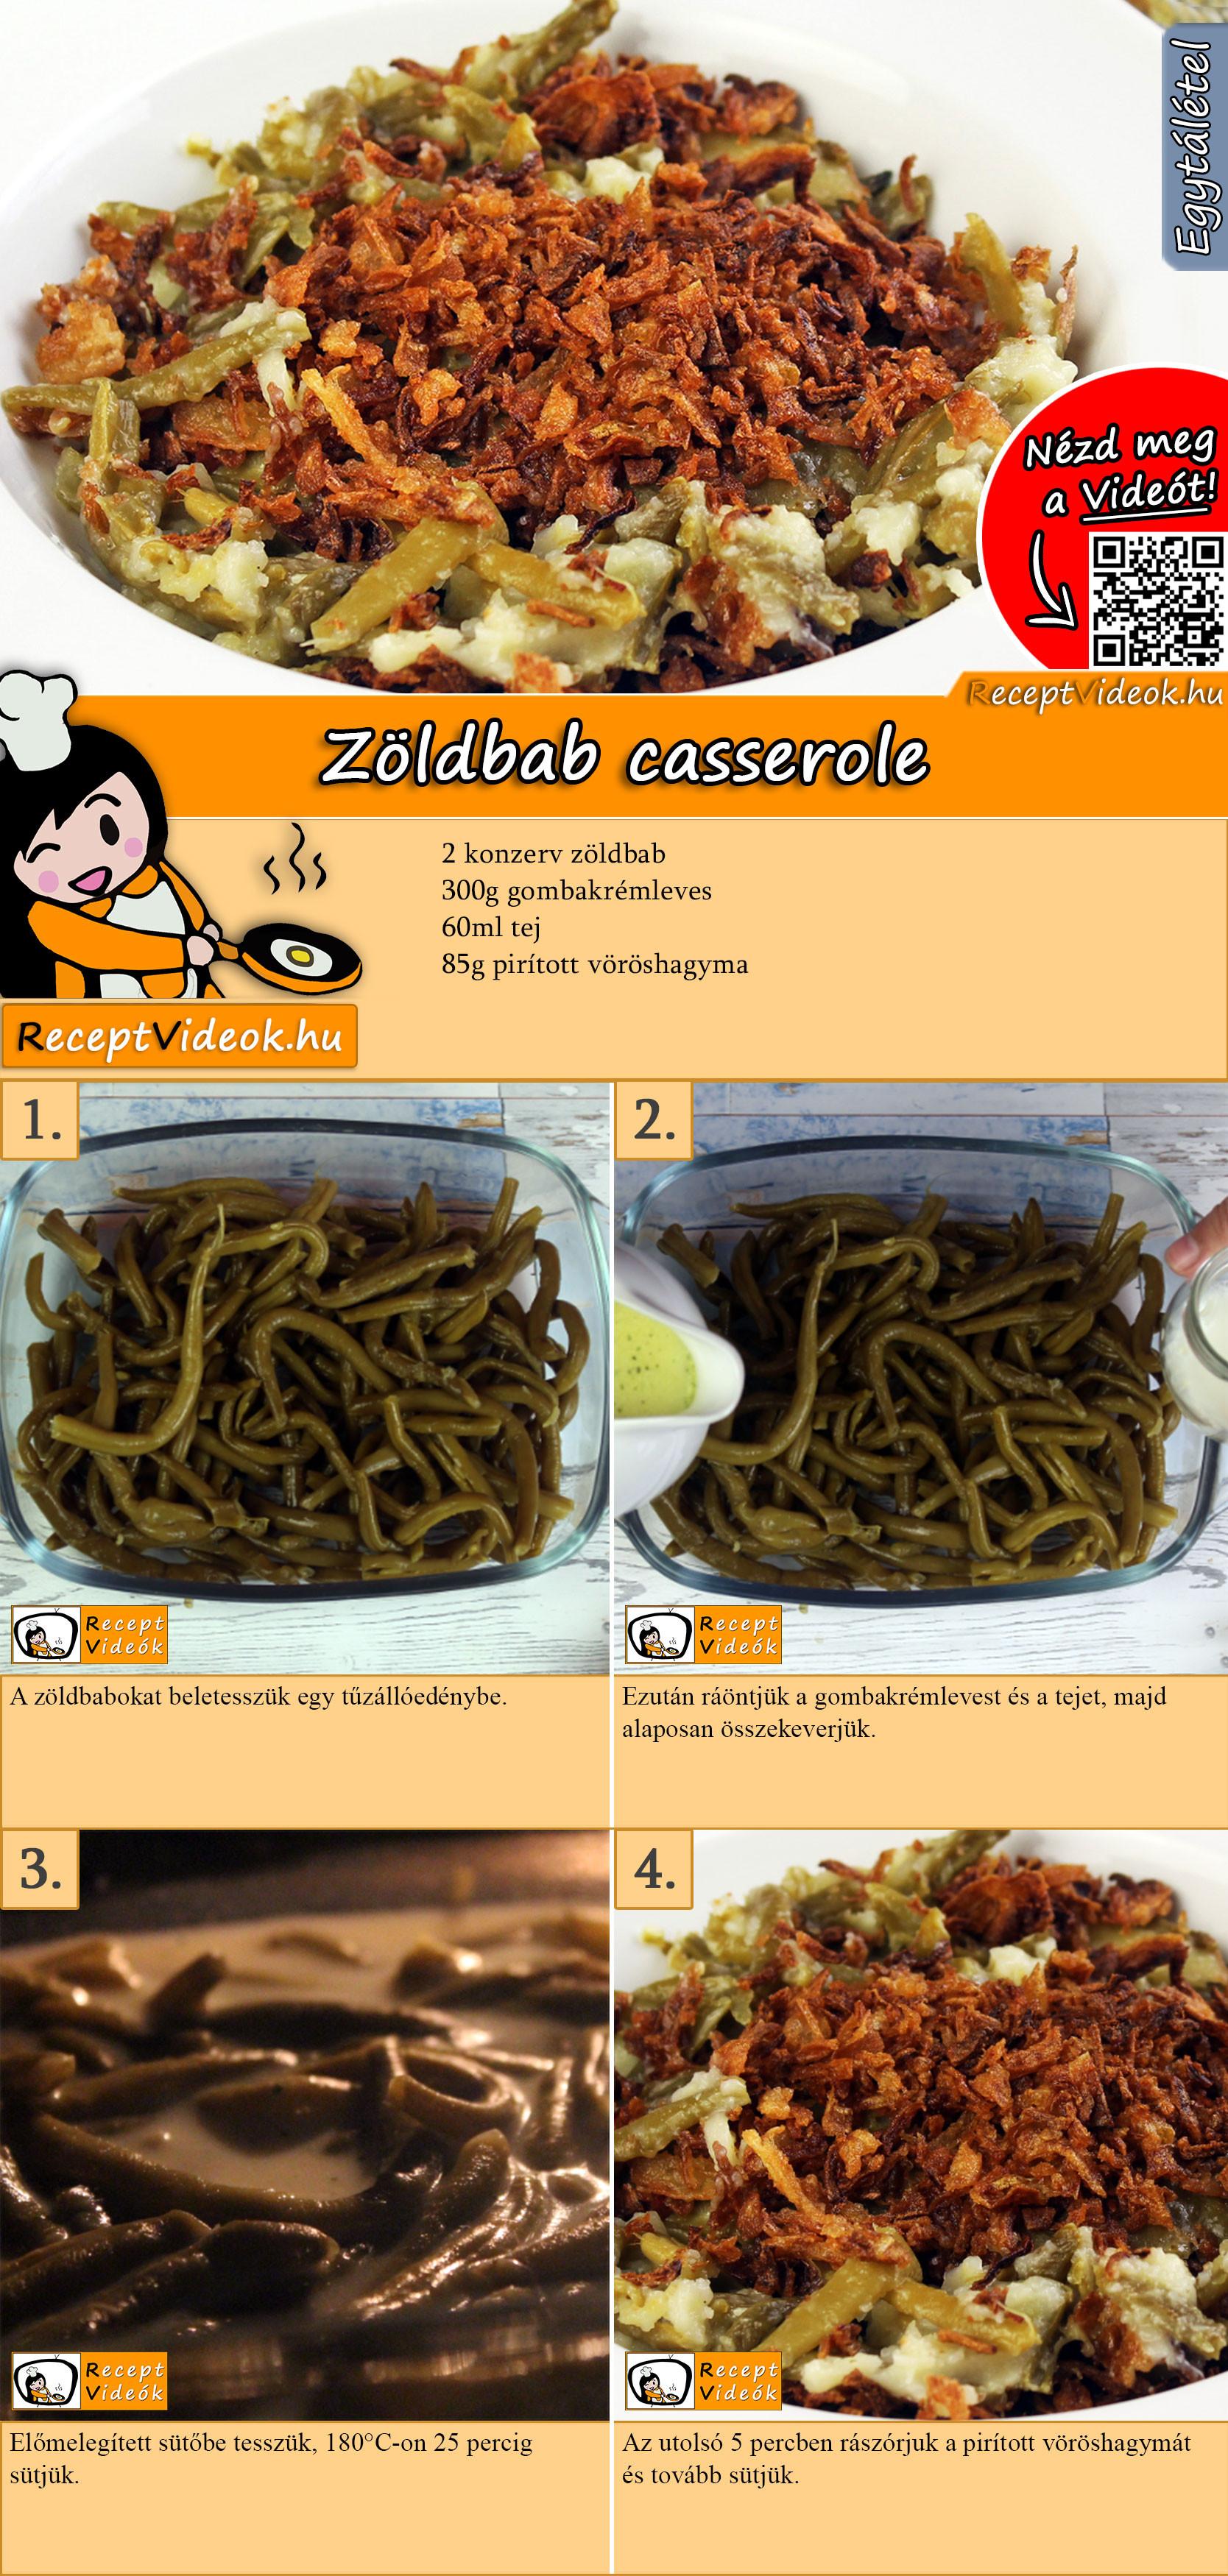 Zöldbab casserole recept elkészítése videóval